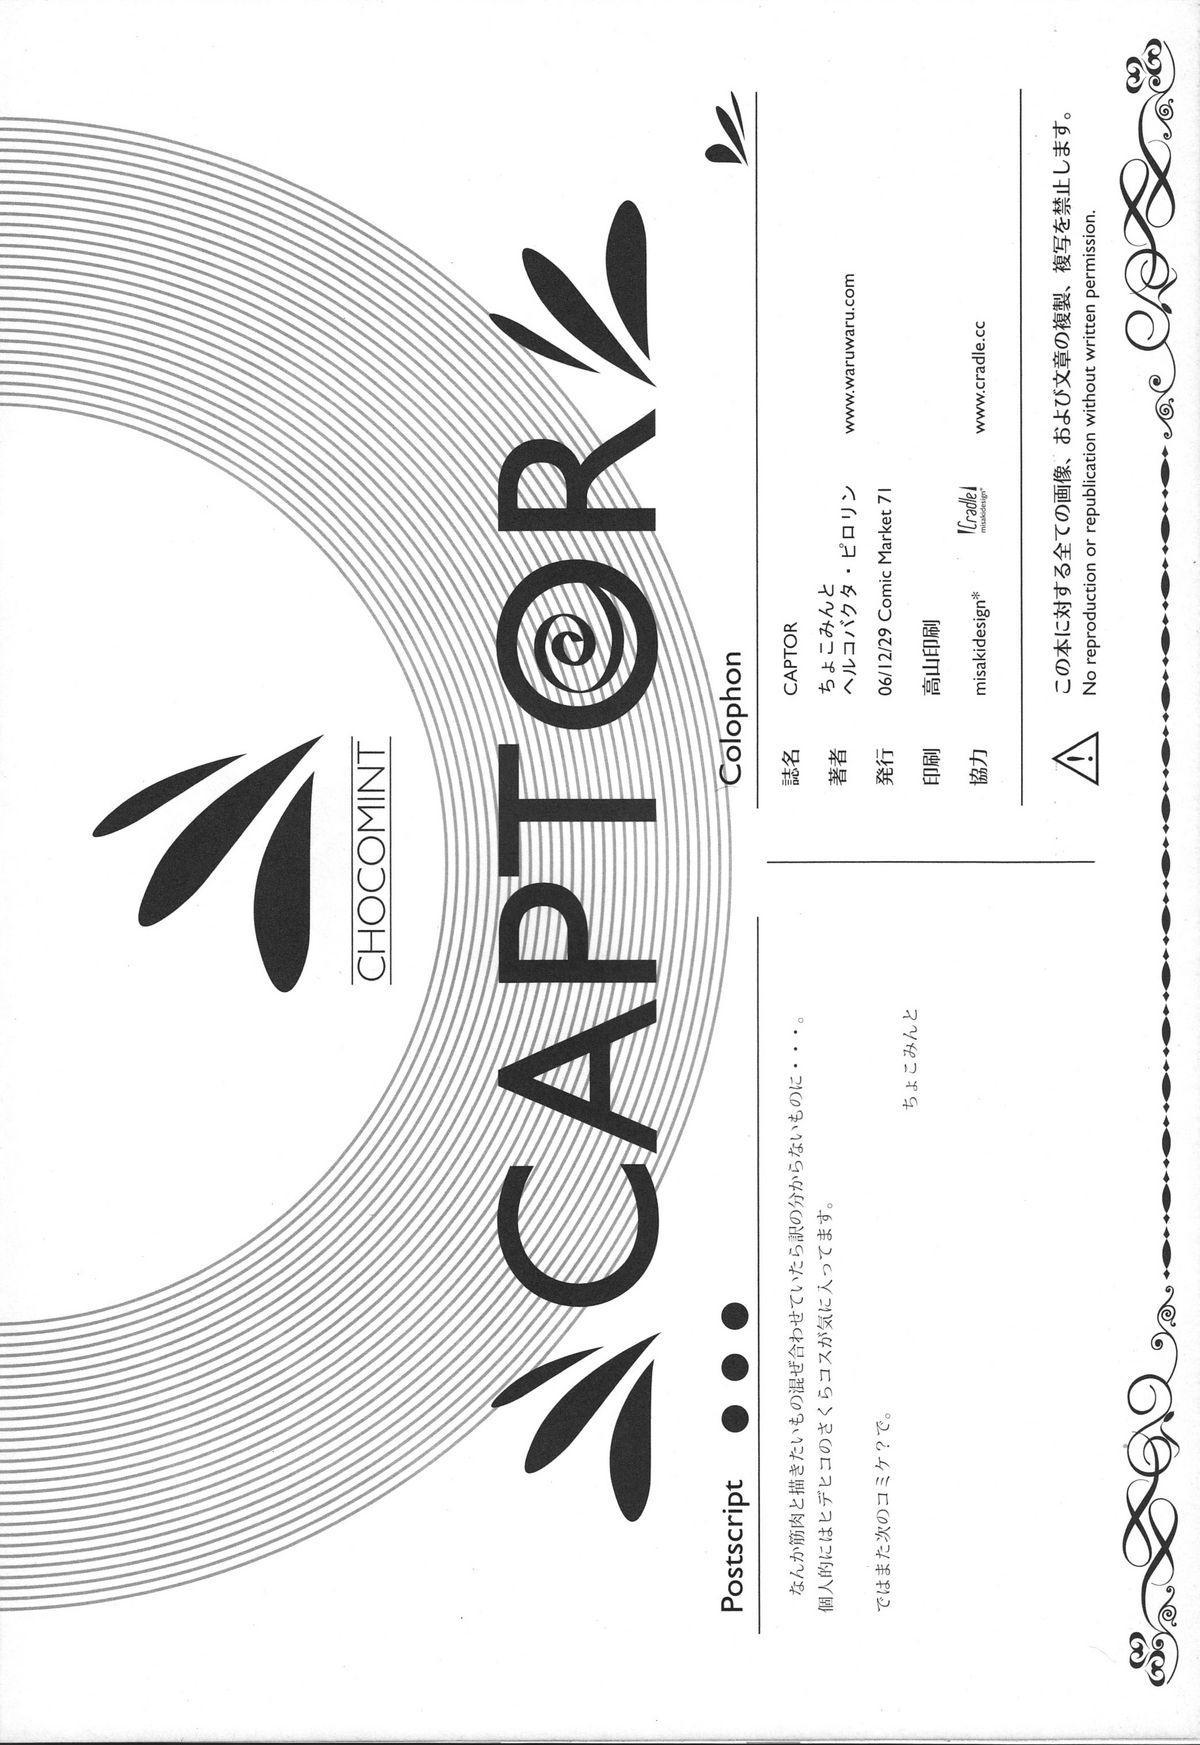 CAPTOR 16